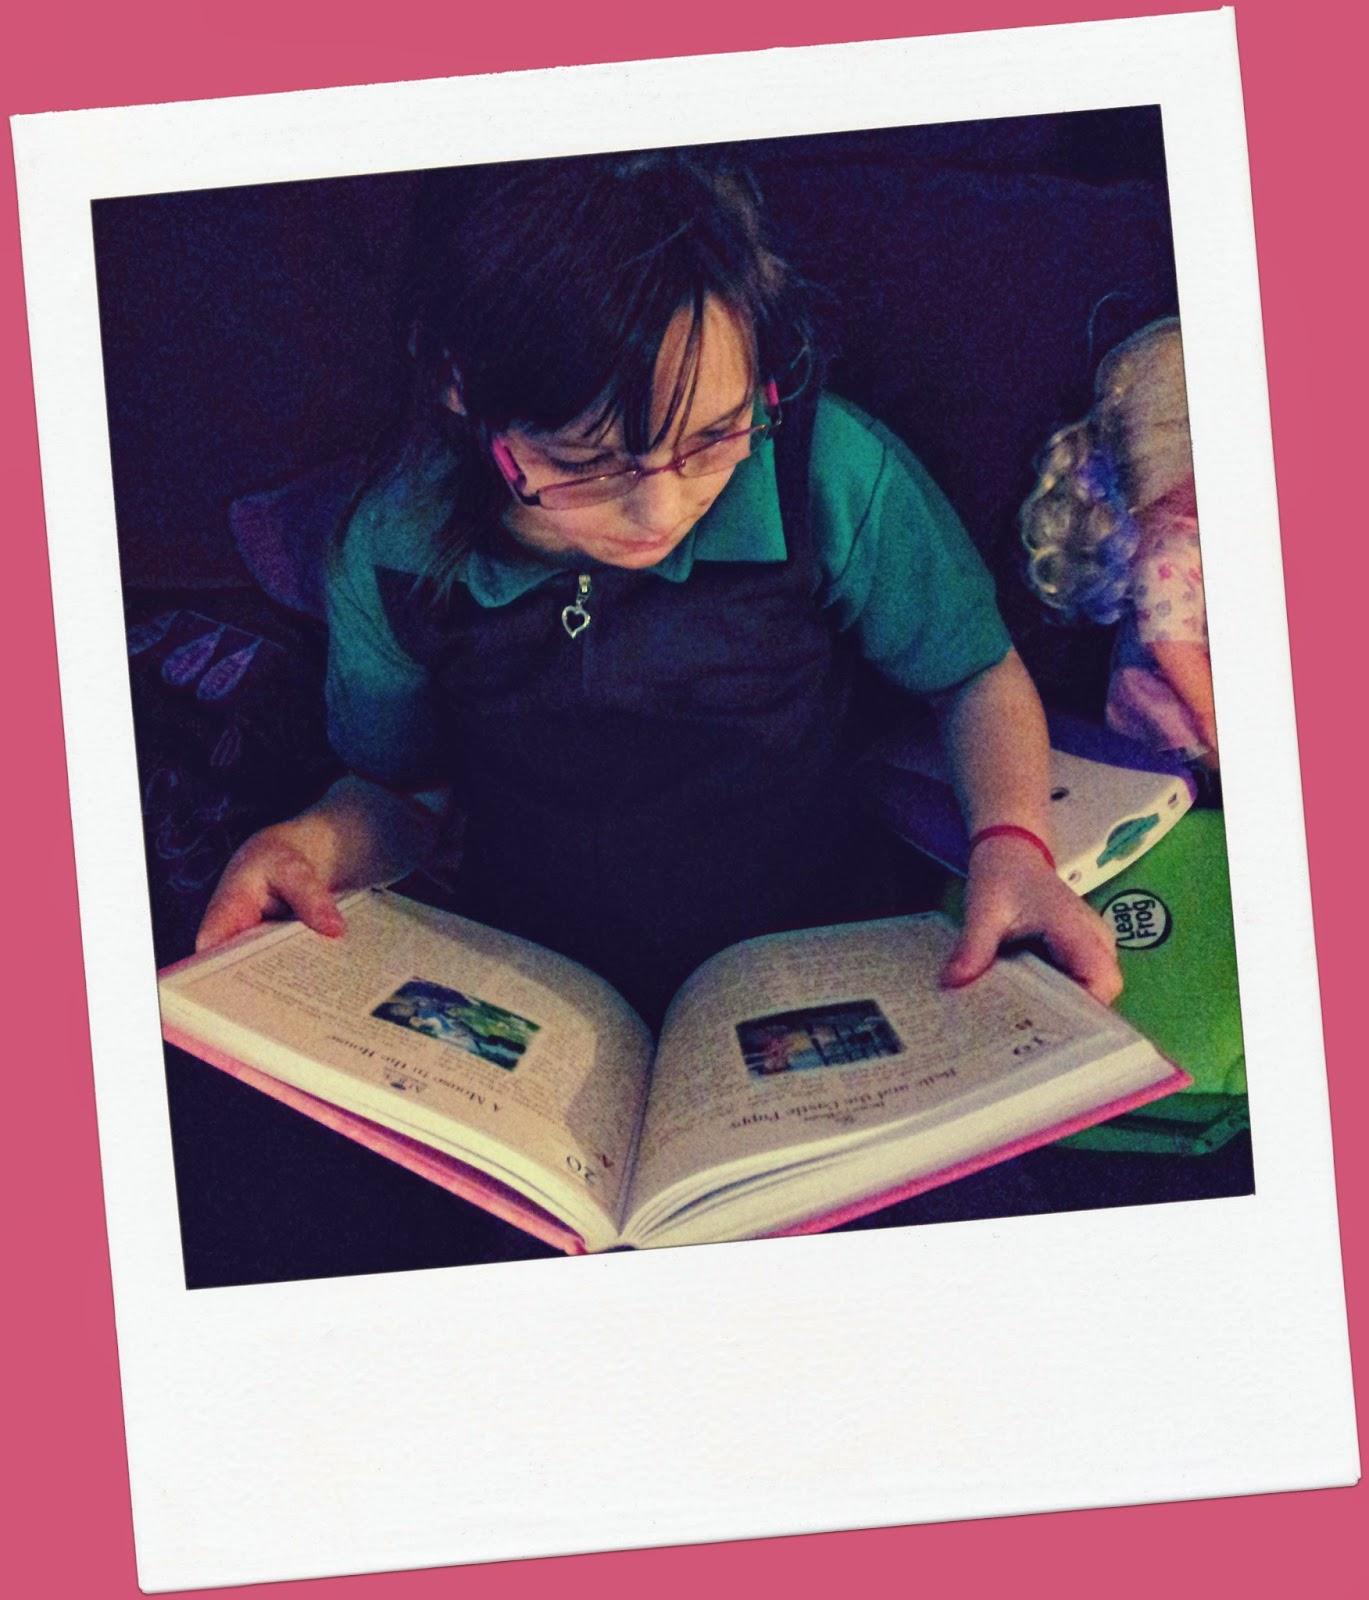 , Reading versus Screentime